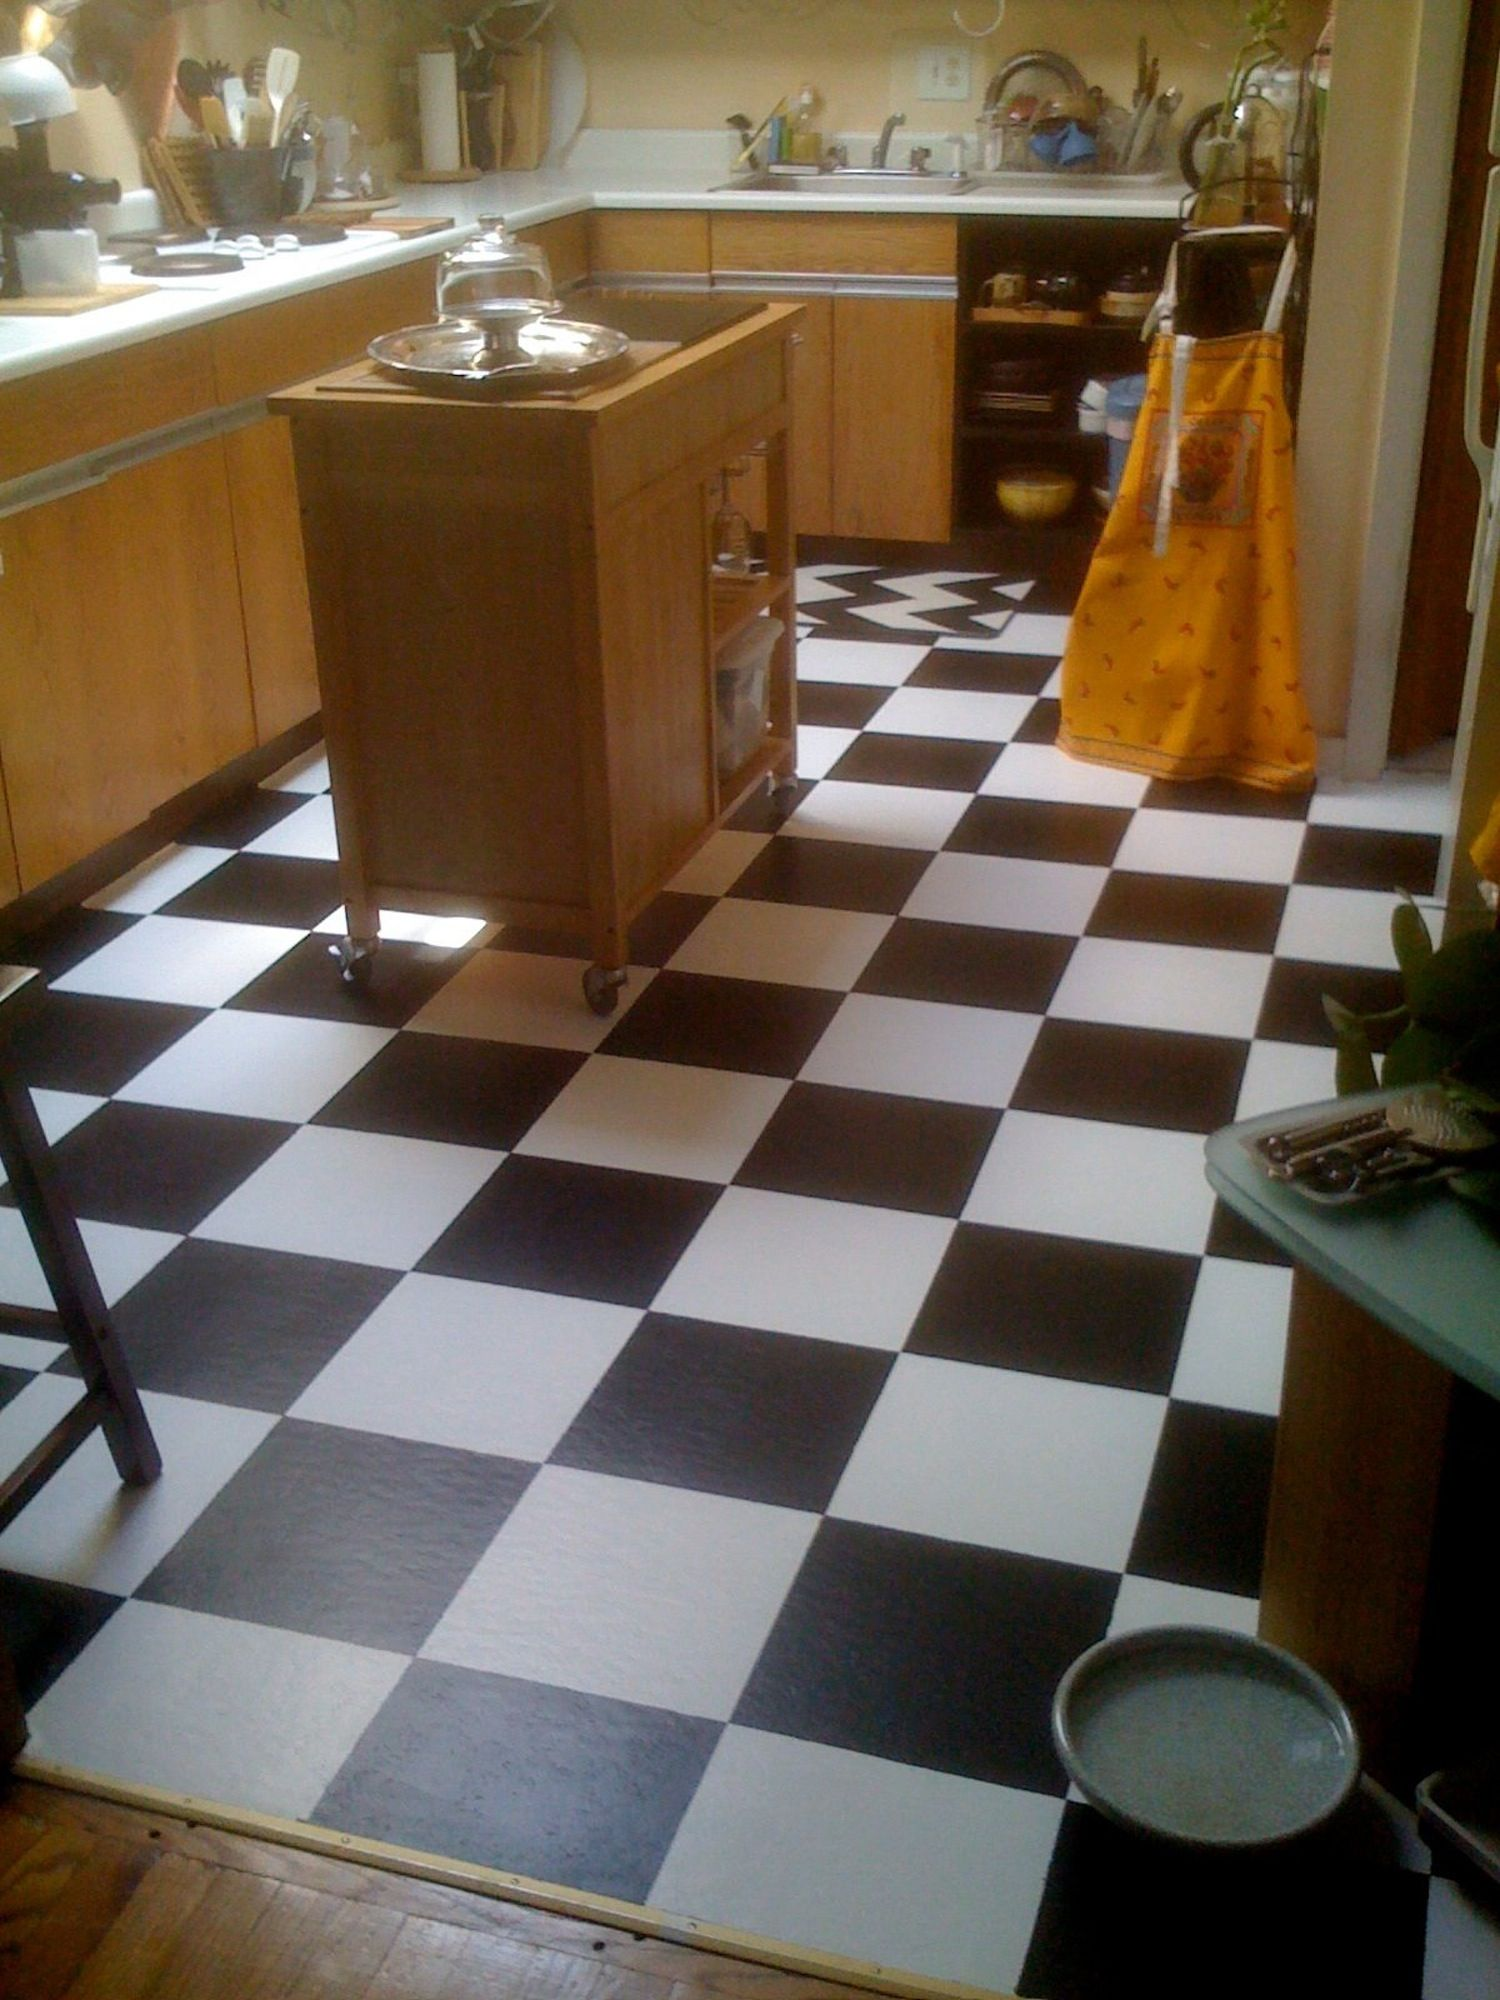 Diy room decor how to paint over vinyl floor tiles diy room diy room decor how to paint over vinyl floor tiles doublecrazyfo Images